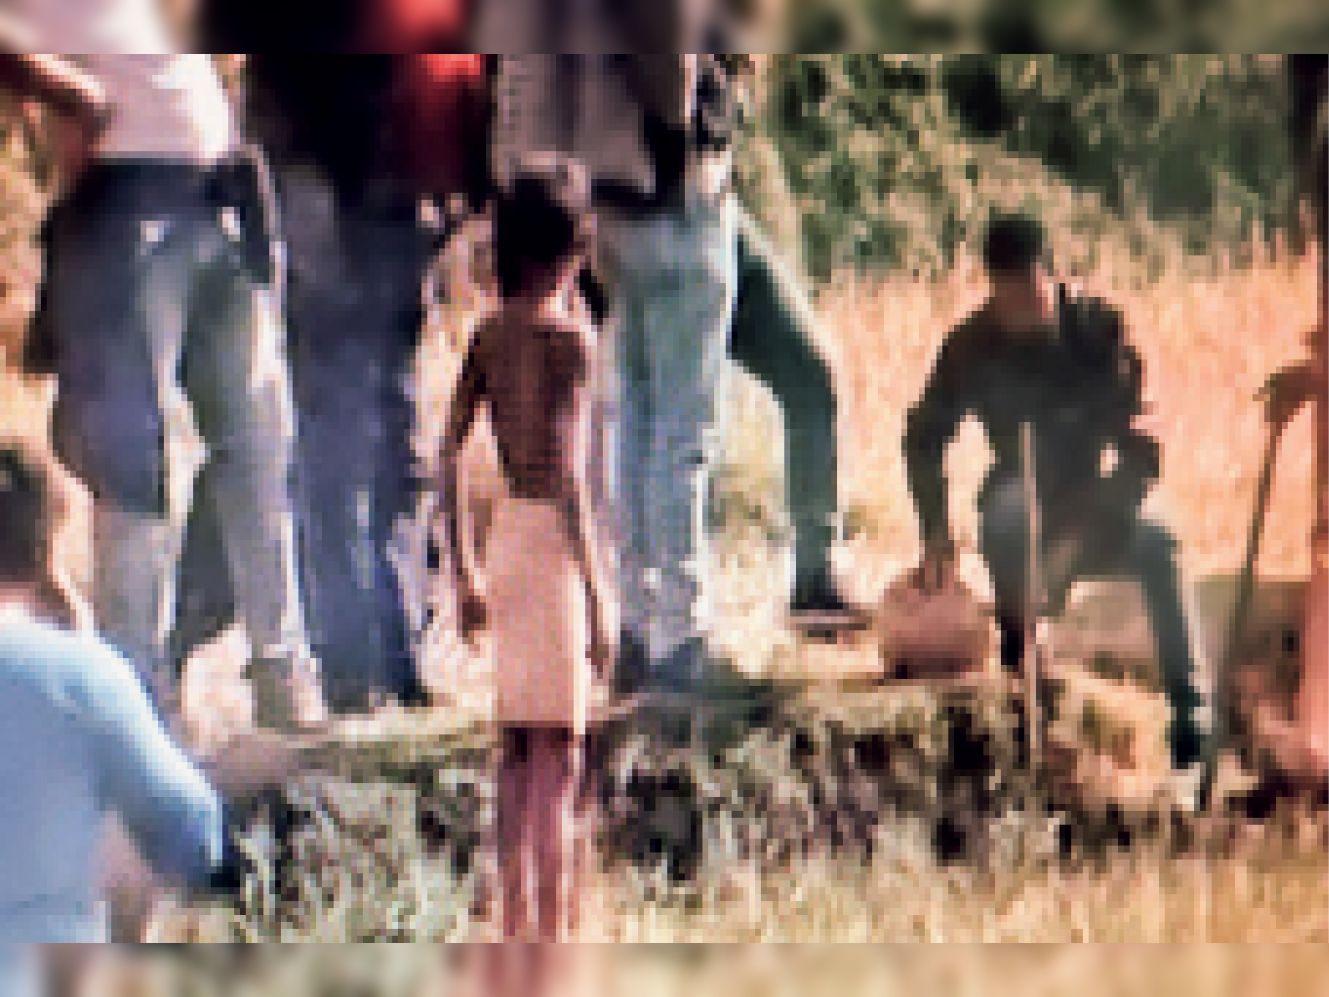 पुलिस को जगतपाल साह की खेत में एक फुट नीचे युवती का सिर मिल गया